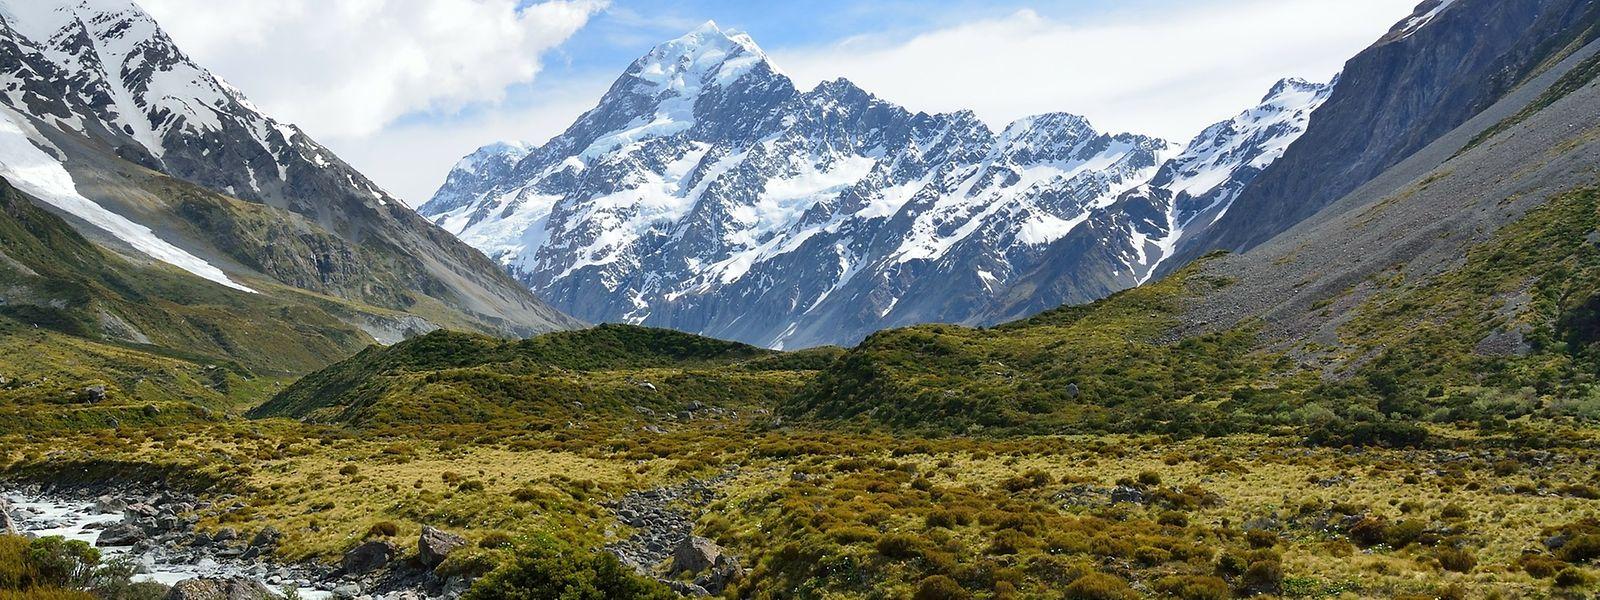 Blick auf den Mount Cook in den Neuseeländischen Alpen.